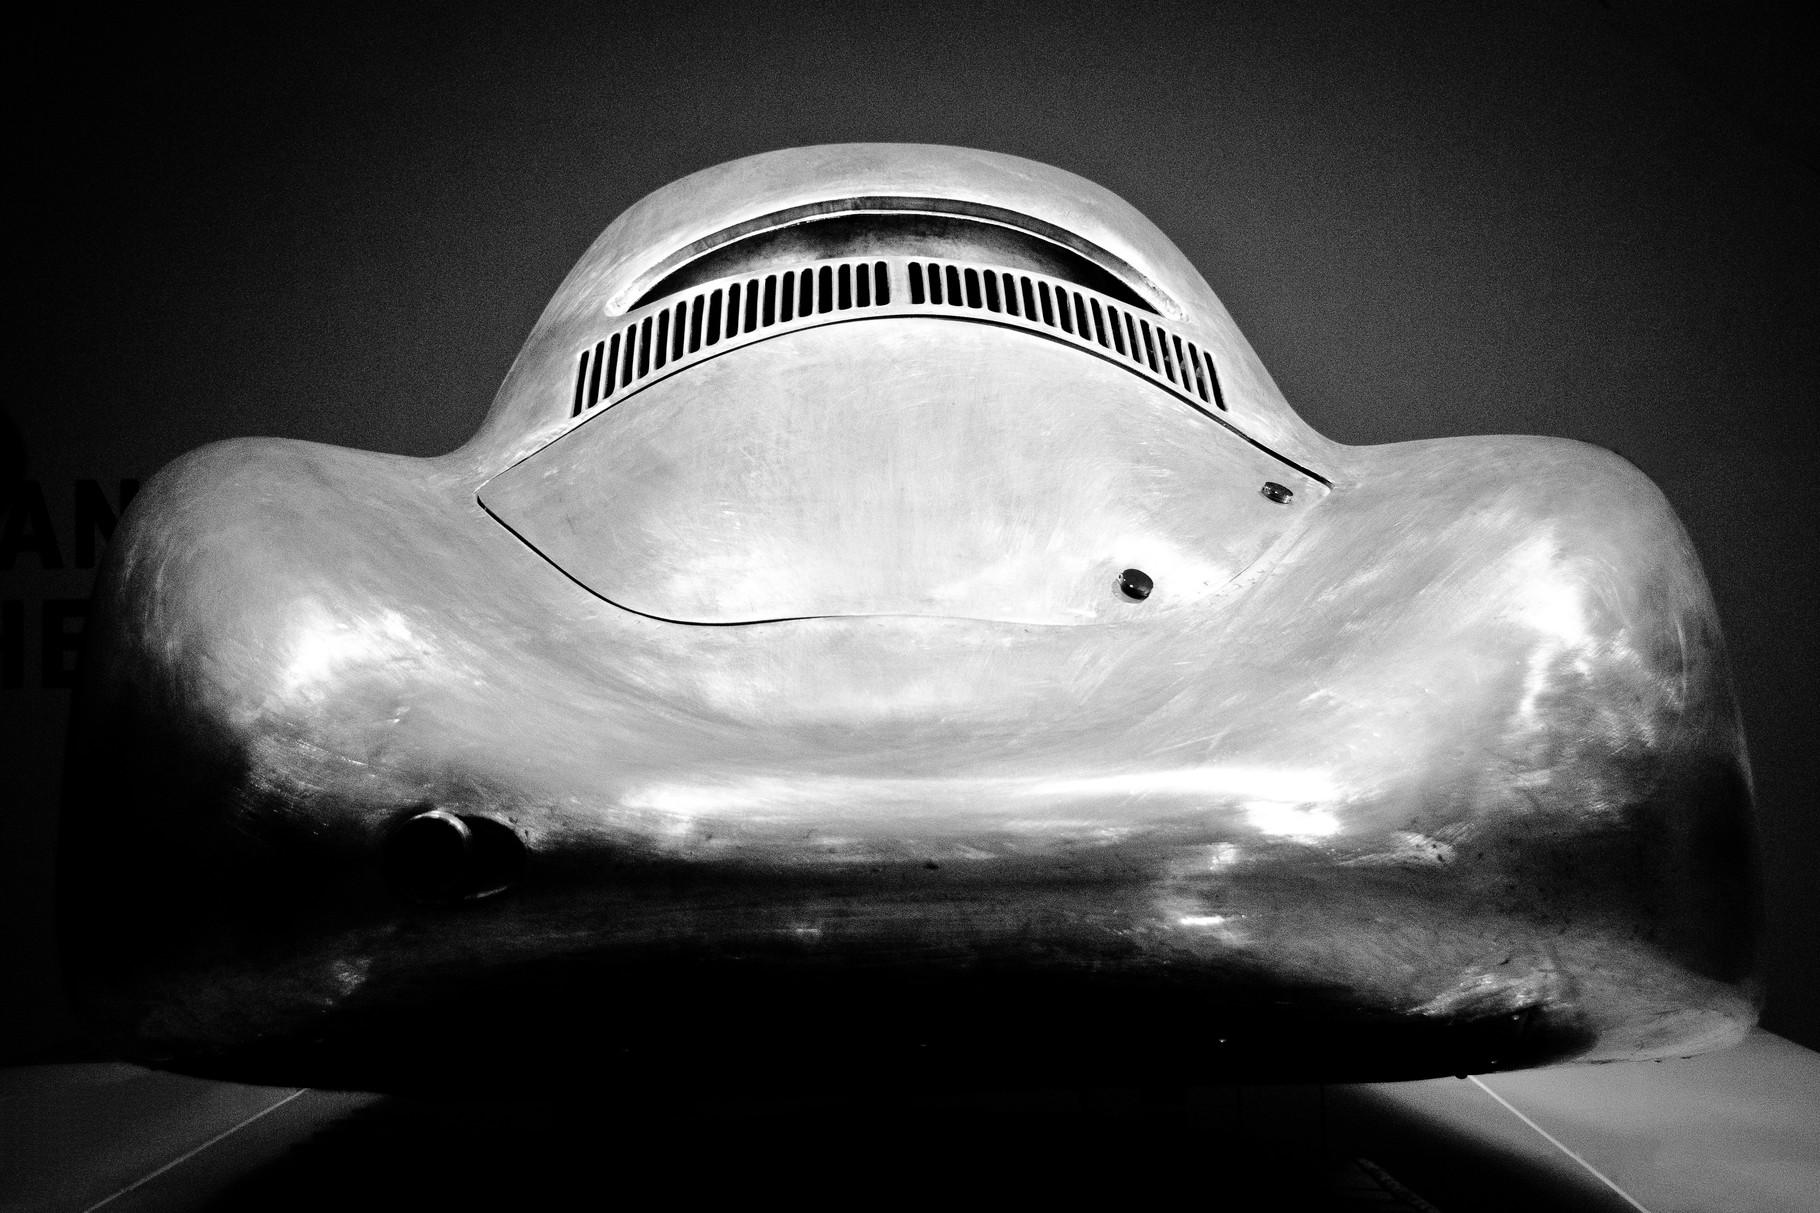 Ur-Porsche Typ 64, Berlin-Rom-Wagen; 75cm x 50cm; Fotodruck auf Acrylglas; Auflage 12